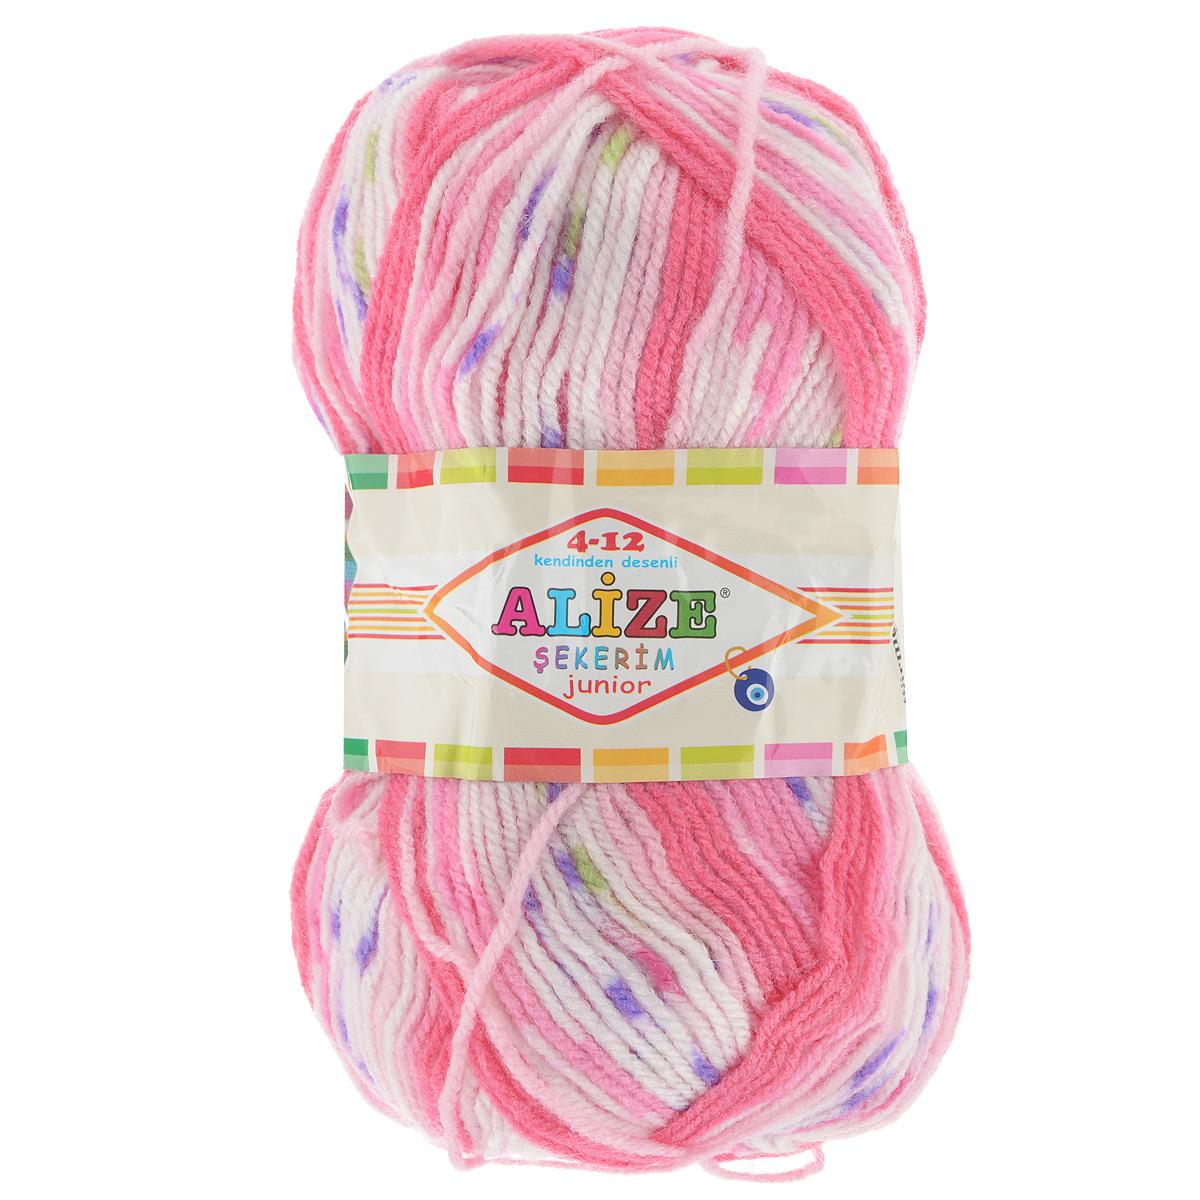 Пряжа для вязания Alize Sekerim Junior, цвет: белый, розовый, фиолетовый (707), 320 м, 100 г, 5 шт364082_707Пряжа Alize Sekerim Junior создана для вязания детских вещей. Мягкая и красивая нить в процессе вязания превращается в оригинальный узор в стиле жаккард. Рекомендованные спицы 3-4 мм и крючок для вязания 2-4 мм. Комплектация: 5 мотков. Состав: 90% акрил, 10% полиамид.